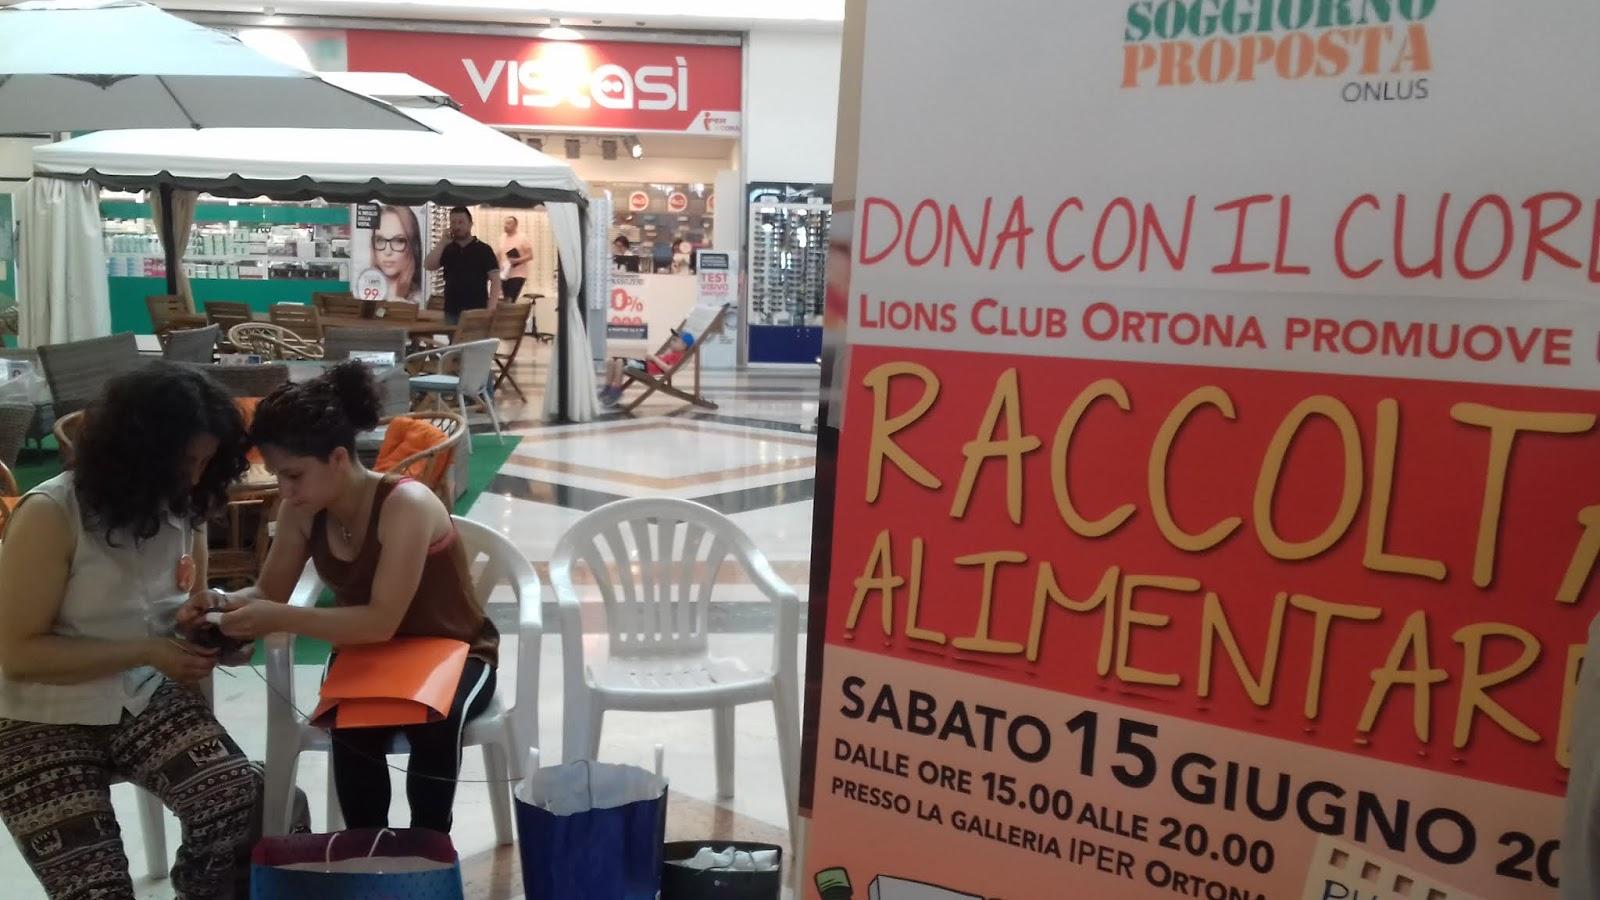 LIONS CLUB ORTONA, Raccolta alimentare in favore Soggiorno Proposta ...